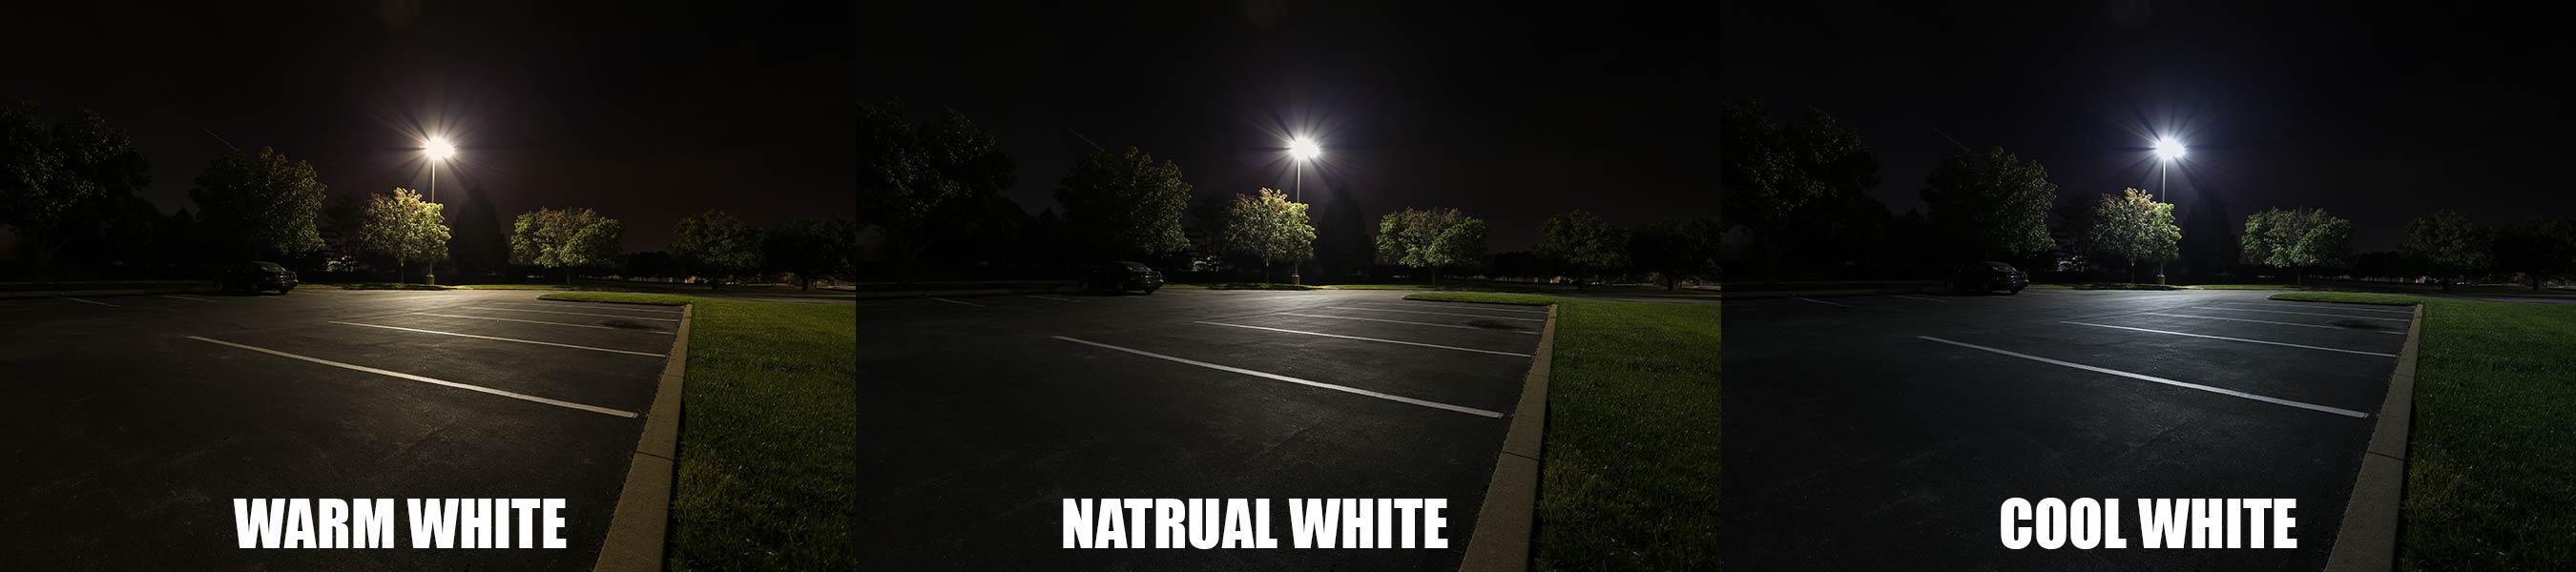 Màu sắc ánh sáng tại bãi đỗ xe